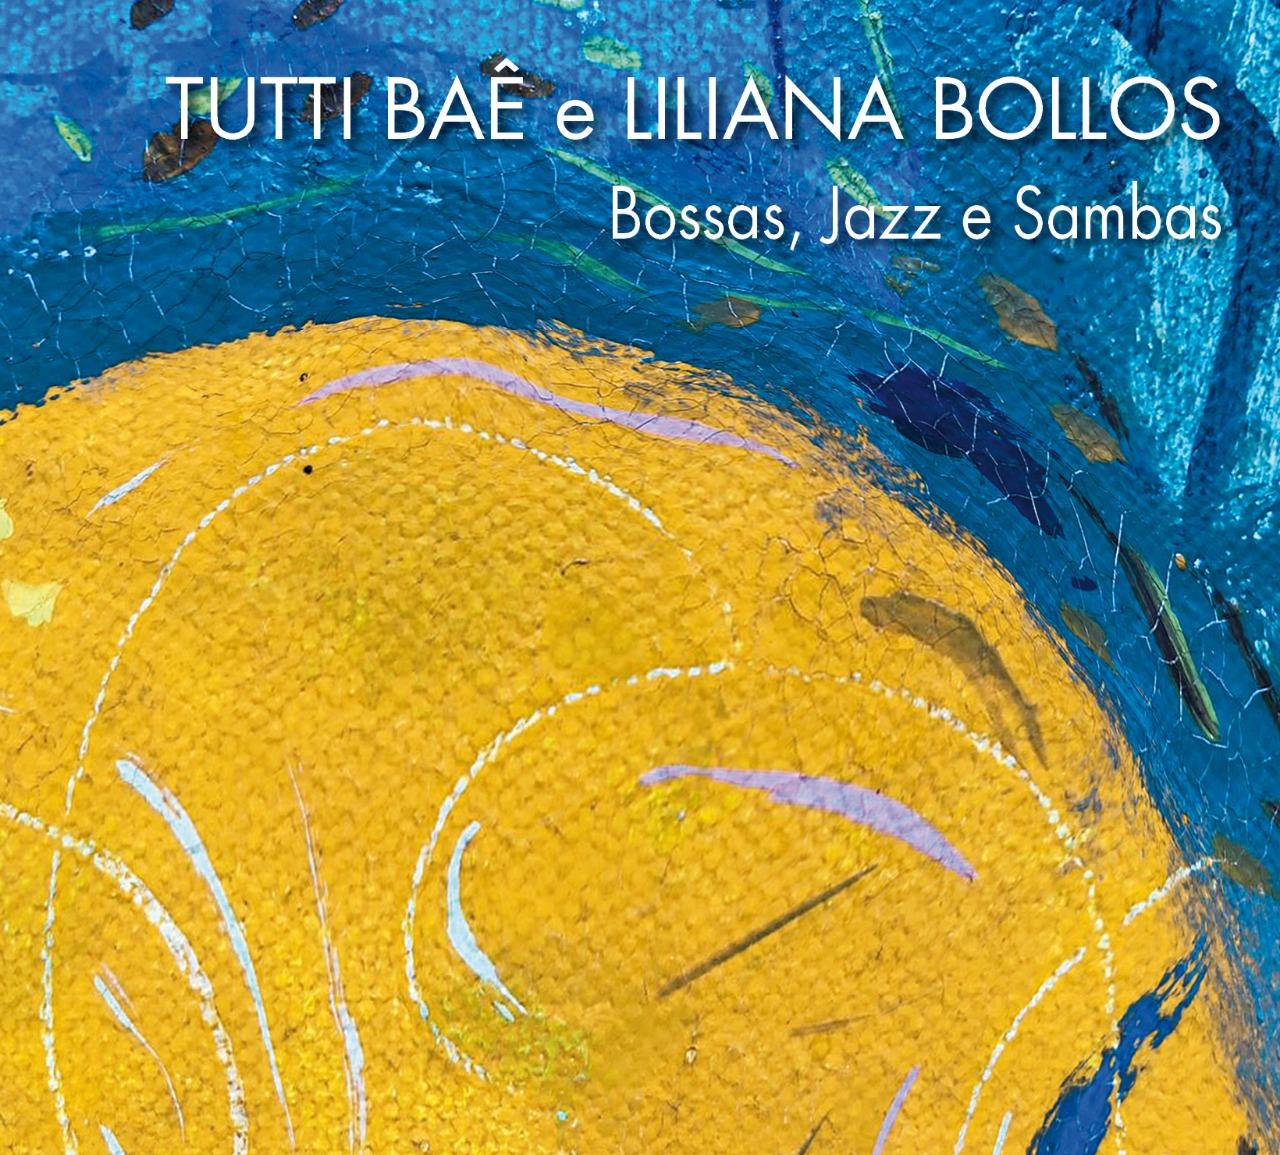 Lançamento dos 3 CDs Tutti Bae & Liliana Bollos e concertos didáticos